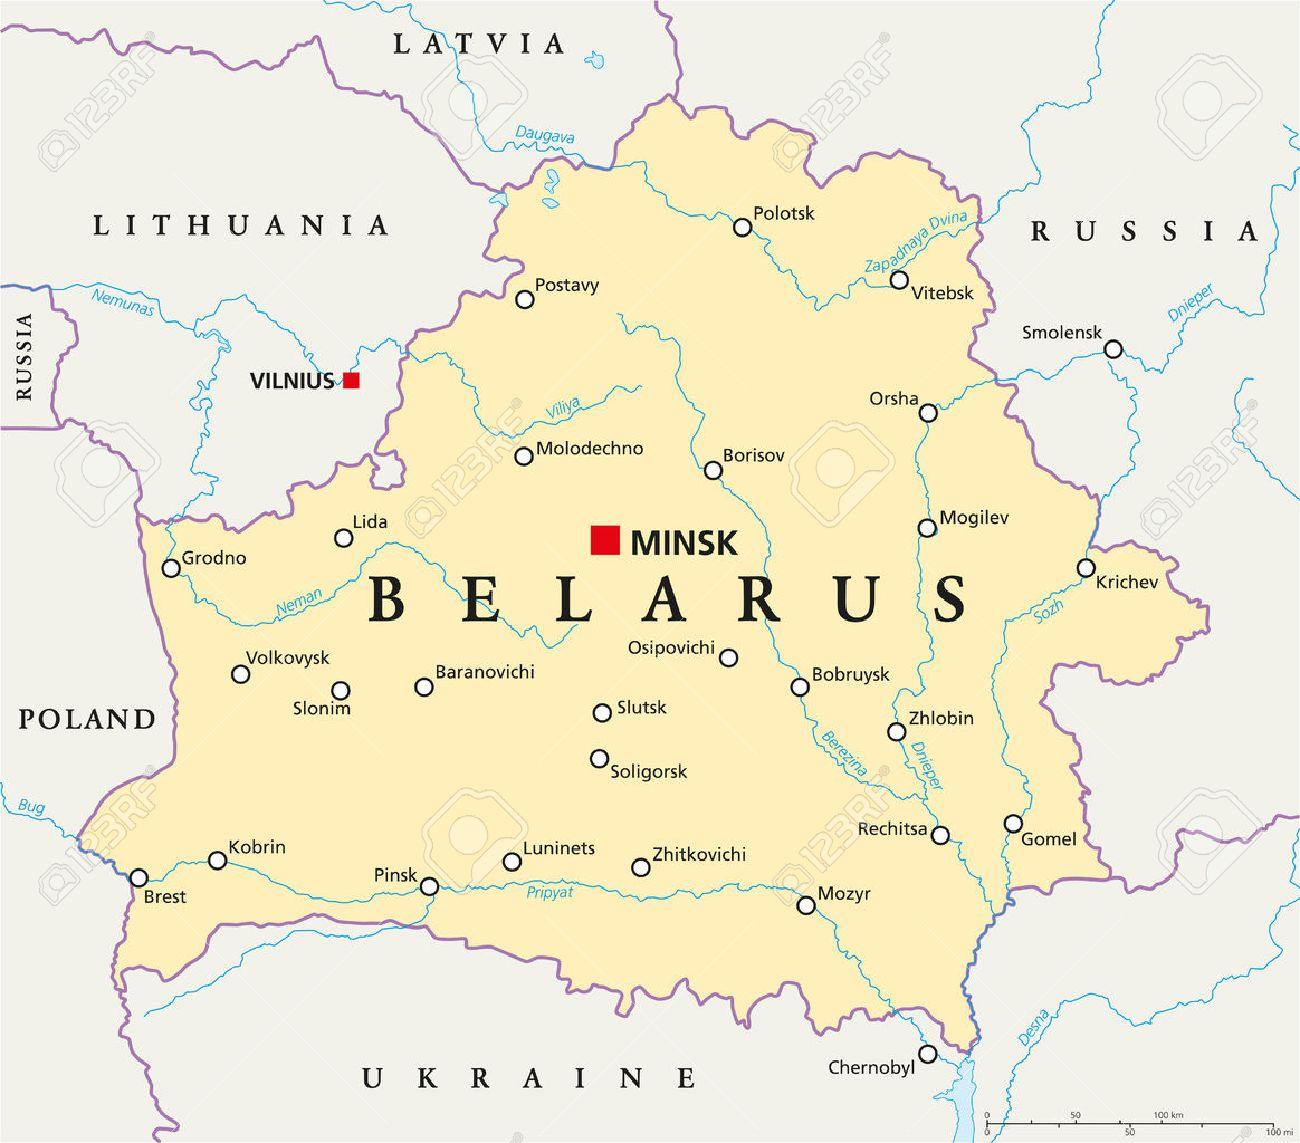 Belarus Politische Karte Mit Der Hauptstadt Minsk Nationale Grenzen Wichtige Stadte Flusse Und Seen Lizenzfrei Nutzbare Vektorgrafiken Clip Arts Illustrationen Image 36855005